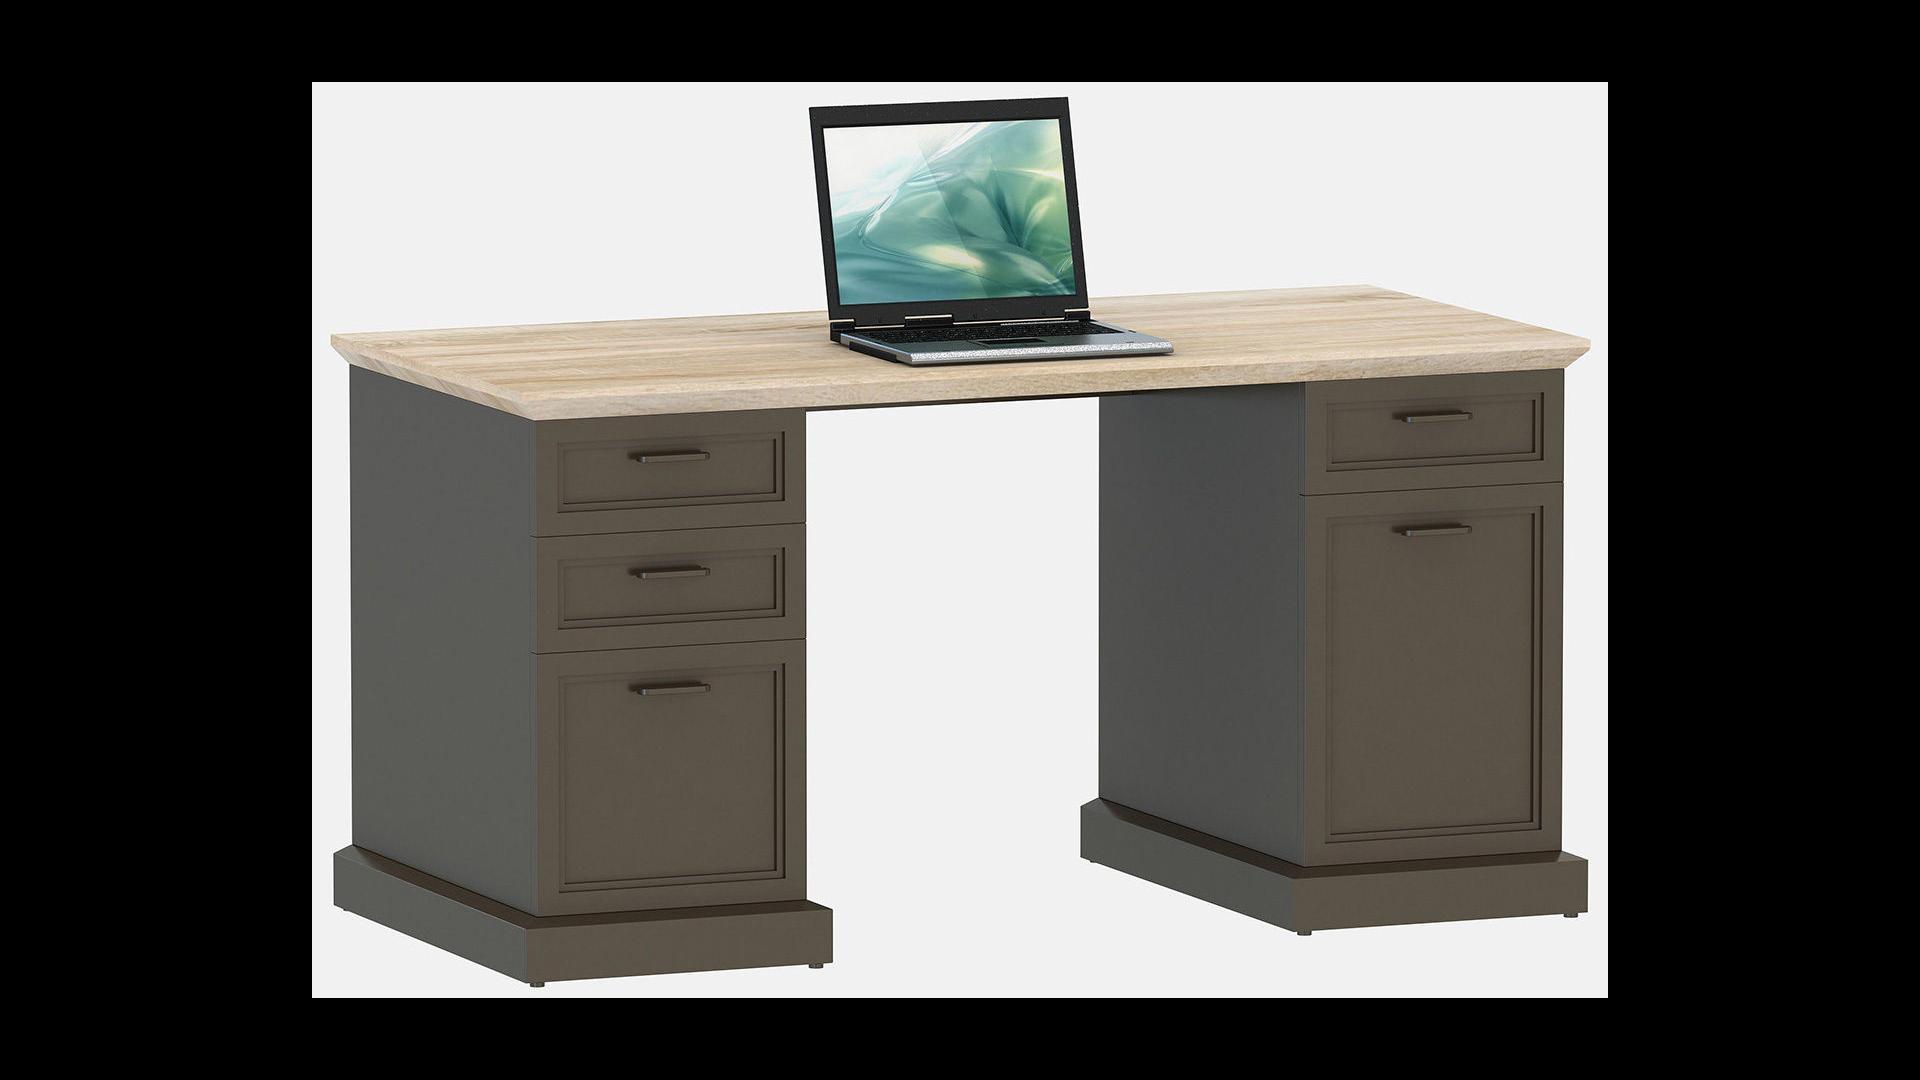 Schreibtisch classic desk 150 von jahnke g nstig bestellen for Schreibtisch bestellen